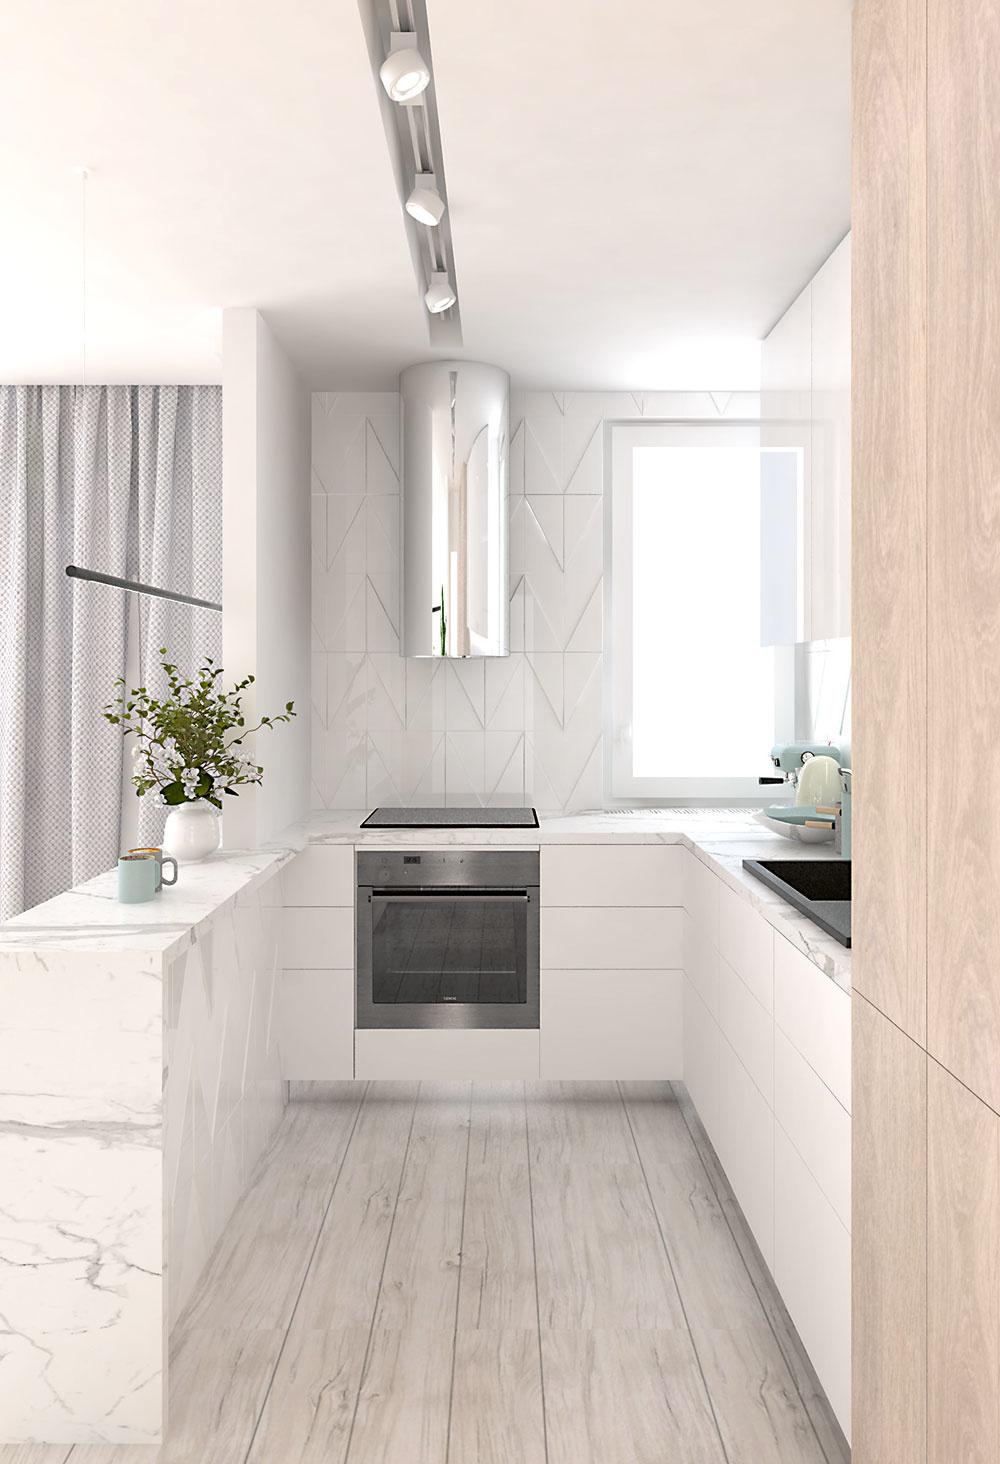 Kuchyňa vo svetlej kombinácii bielej farby, dreva a bieleho mramoru dáva vyniknúť otvorenej dennej časti.